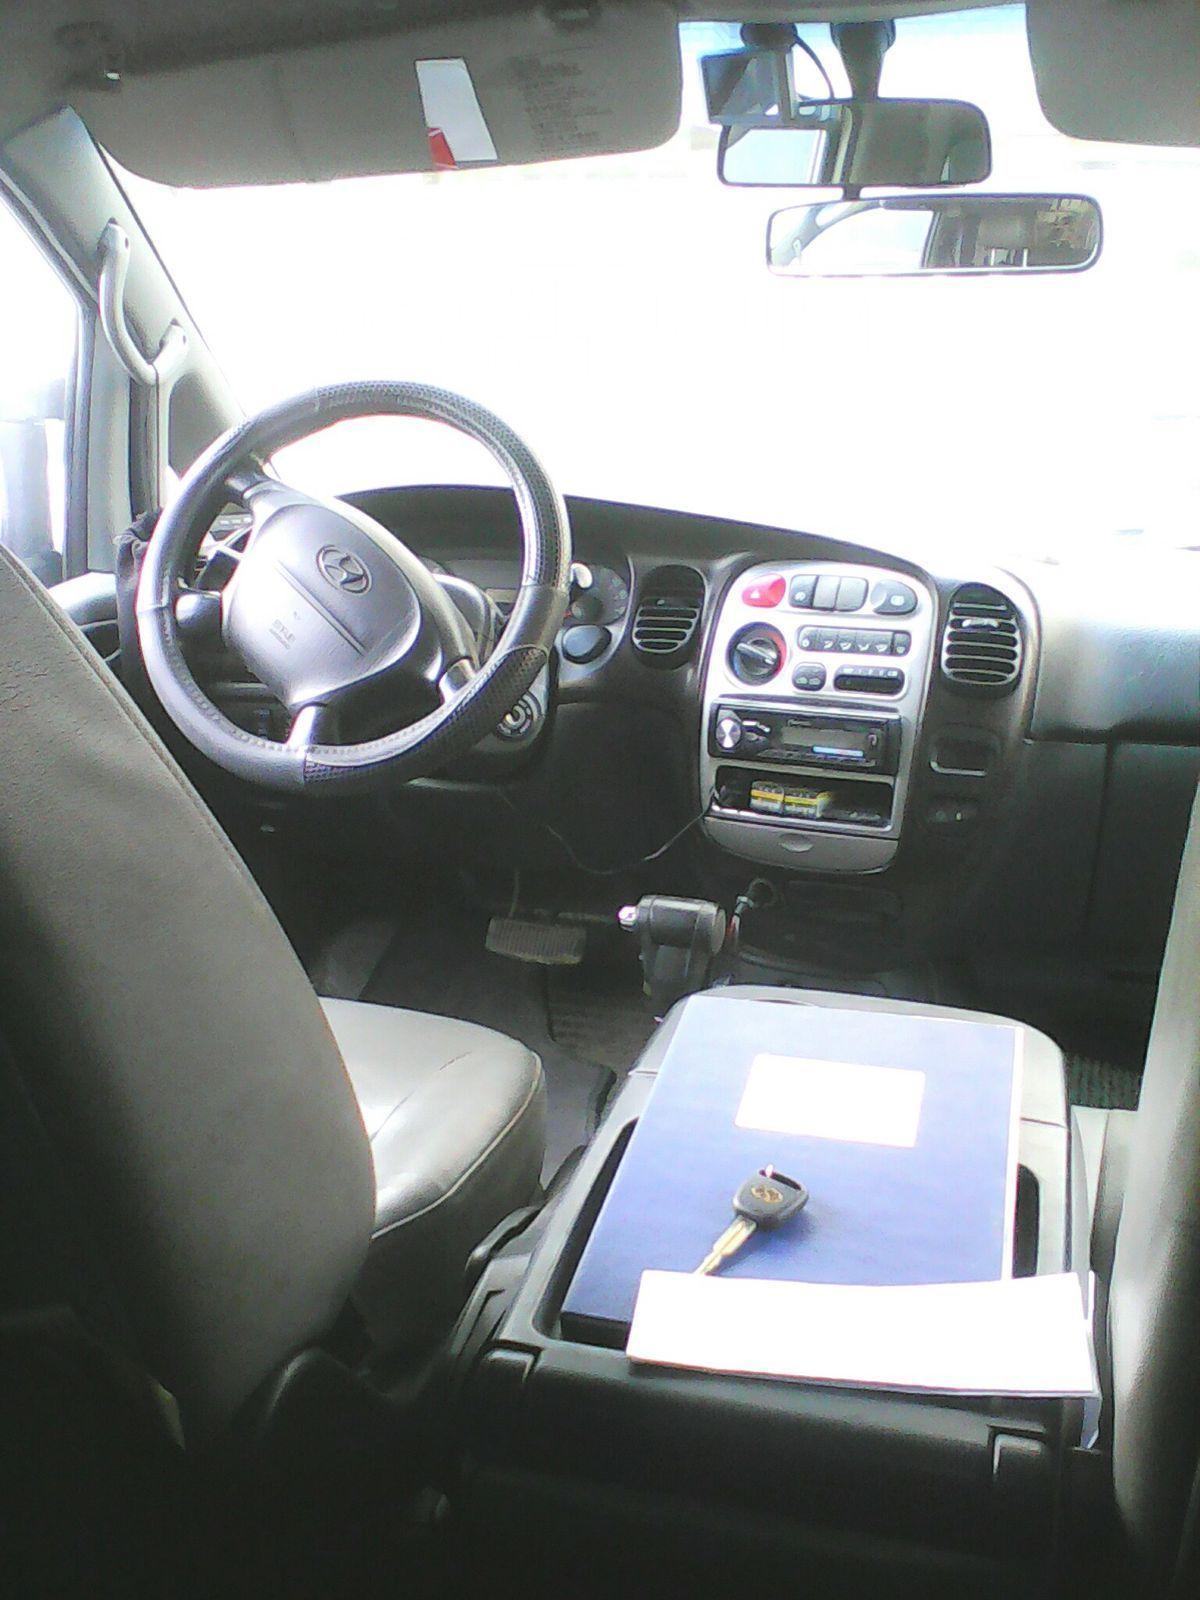 снятие магнитолы hyundai h-1 2007